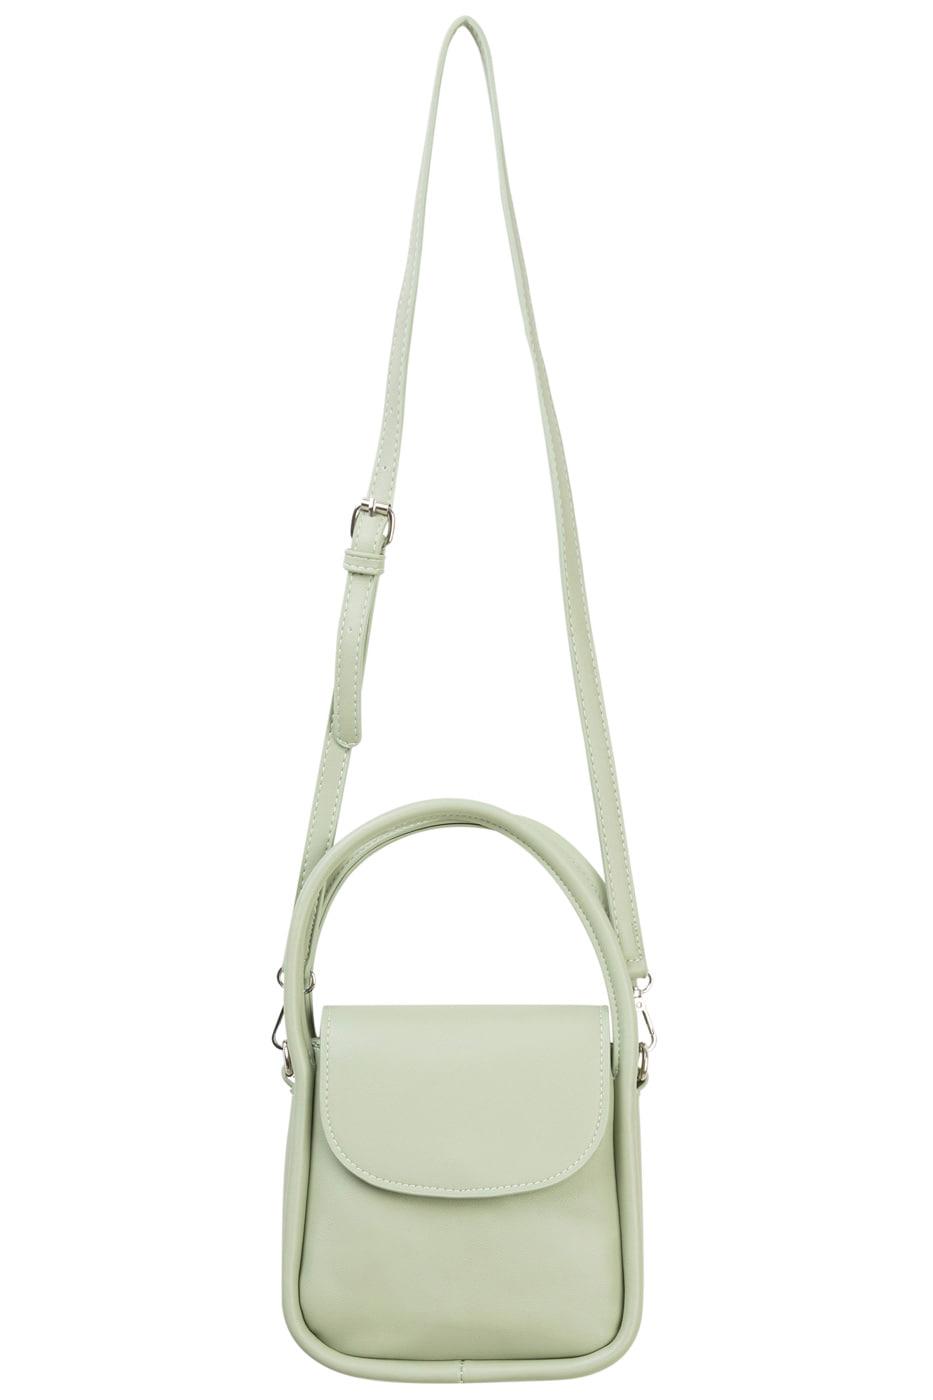 Simple square cross tote bag